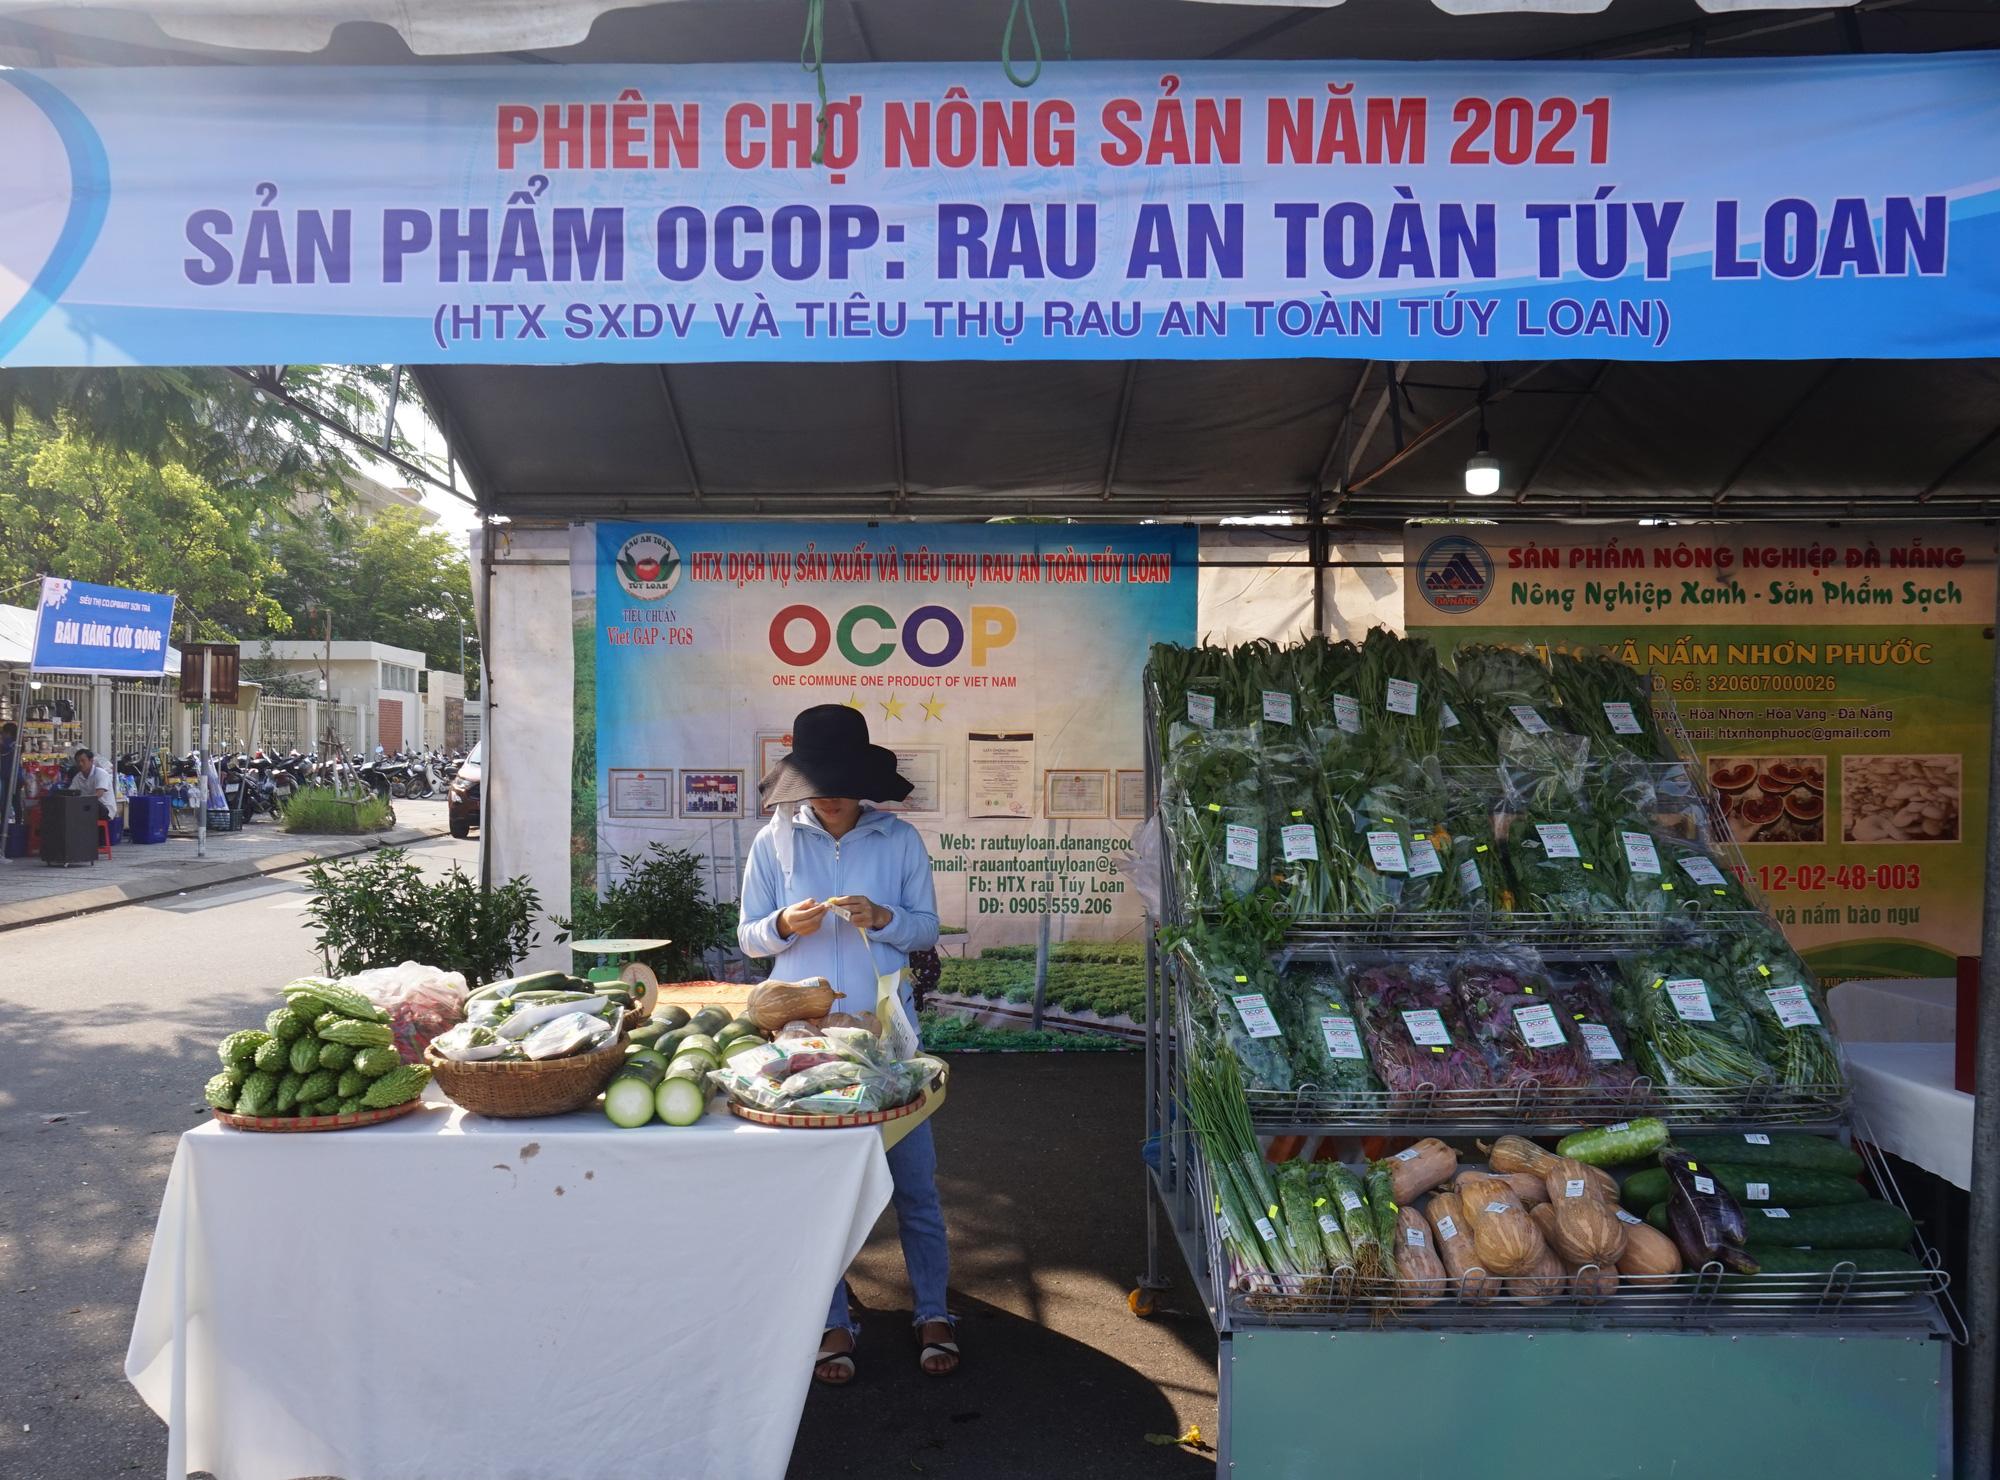 Đà Nẵng: Sản phẩm OCOP, rau sạch hút hàng tại Phiên chợ nông sản - Ảnh 9.